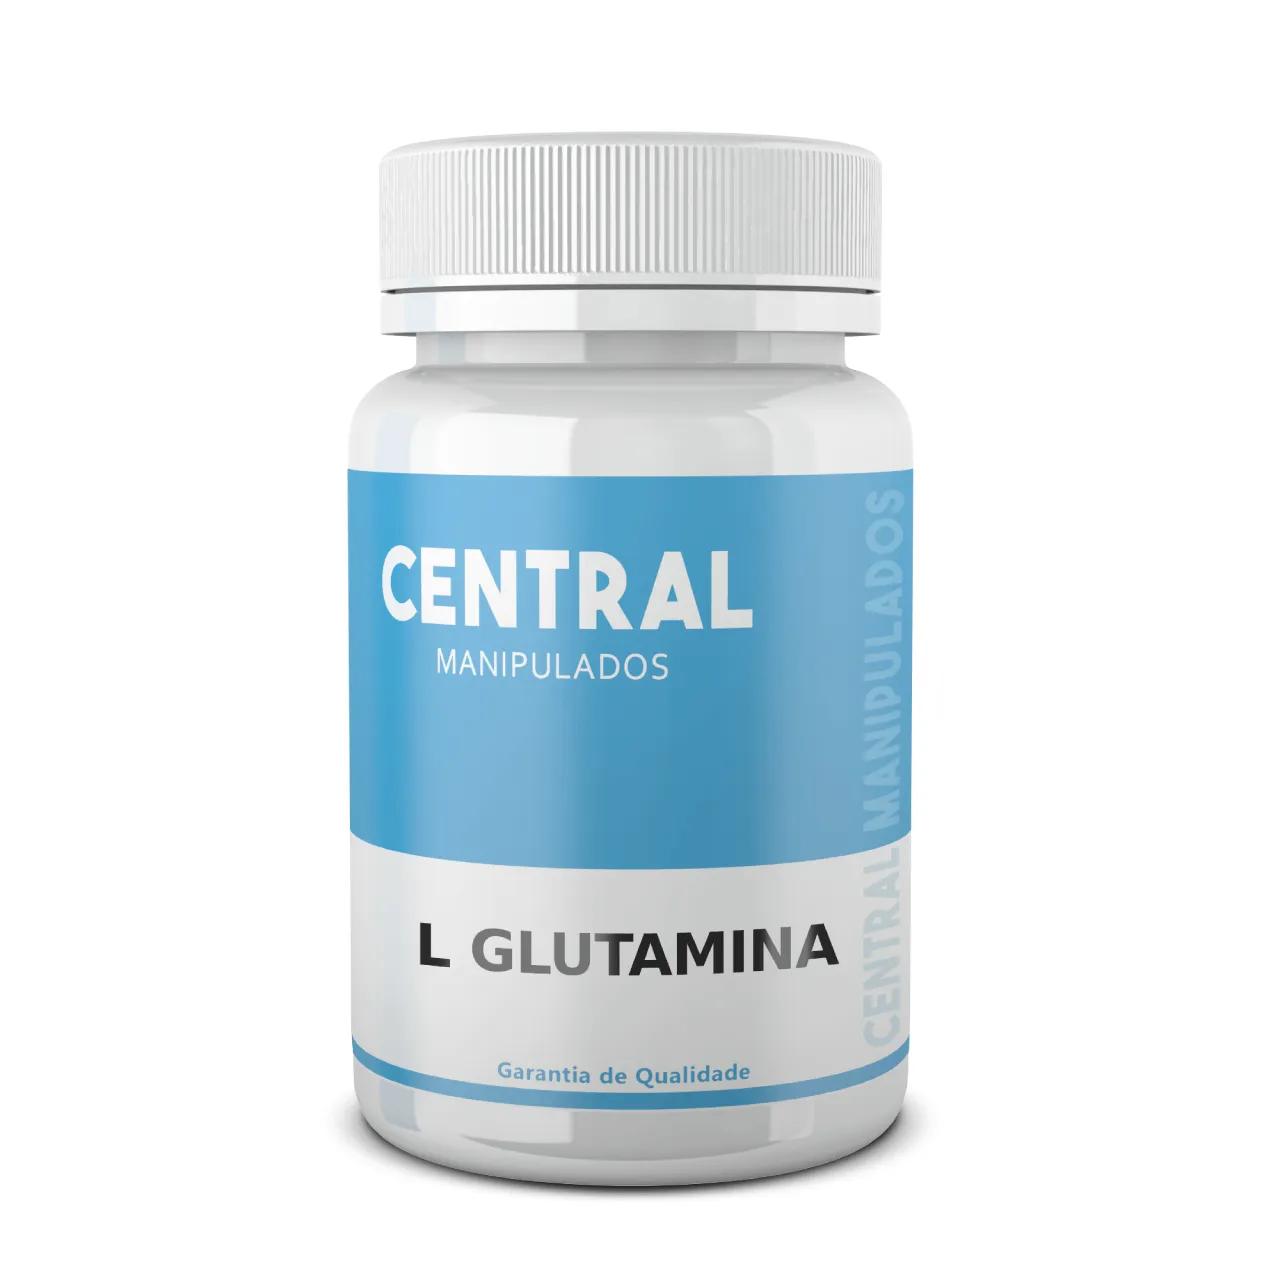 L-glutamina 500mg - 30 cápsulas - Suplemento para prática esportiva, Imunidade, Desintoxicação corporal, Regulador Hormonal